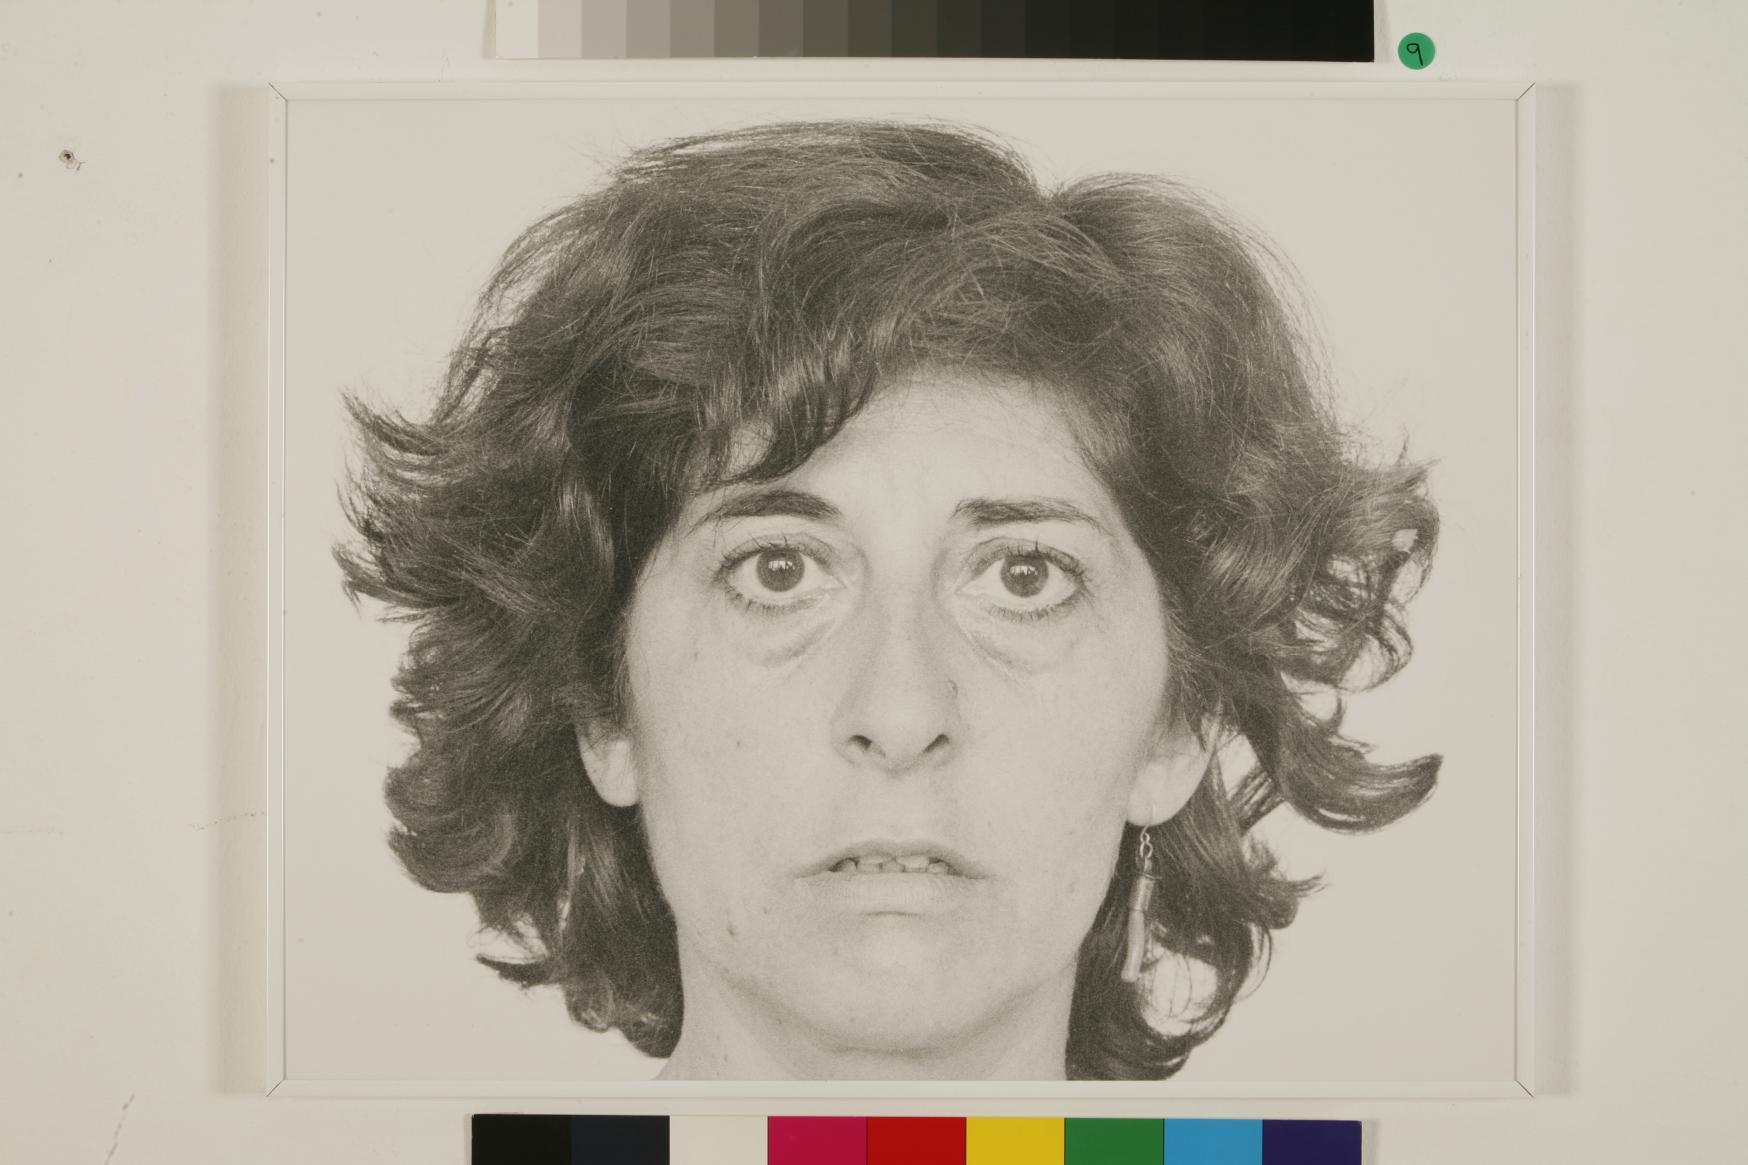 Autorretrato en el espacio (De la nada a la nada), a os 80 (1987) - Esther Ferrer